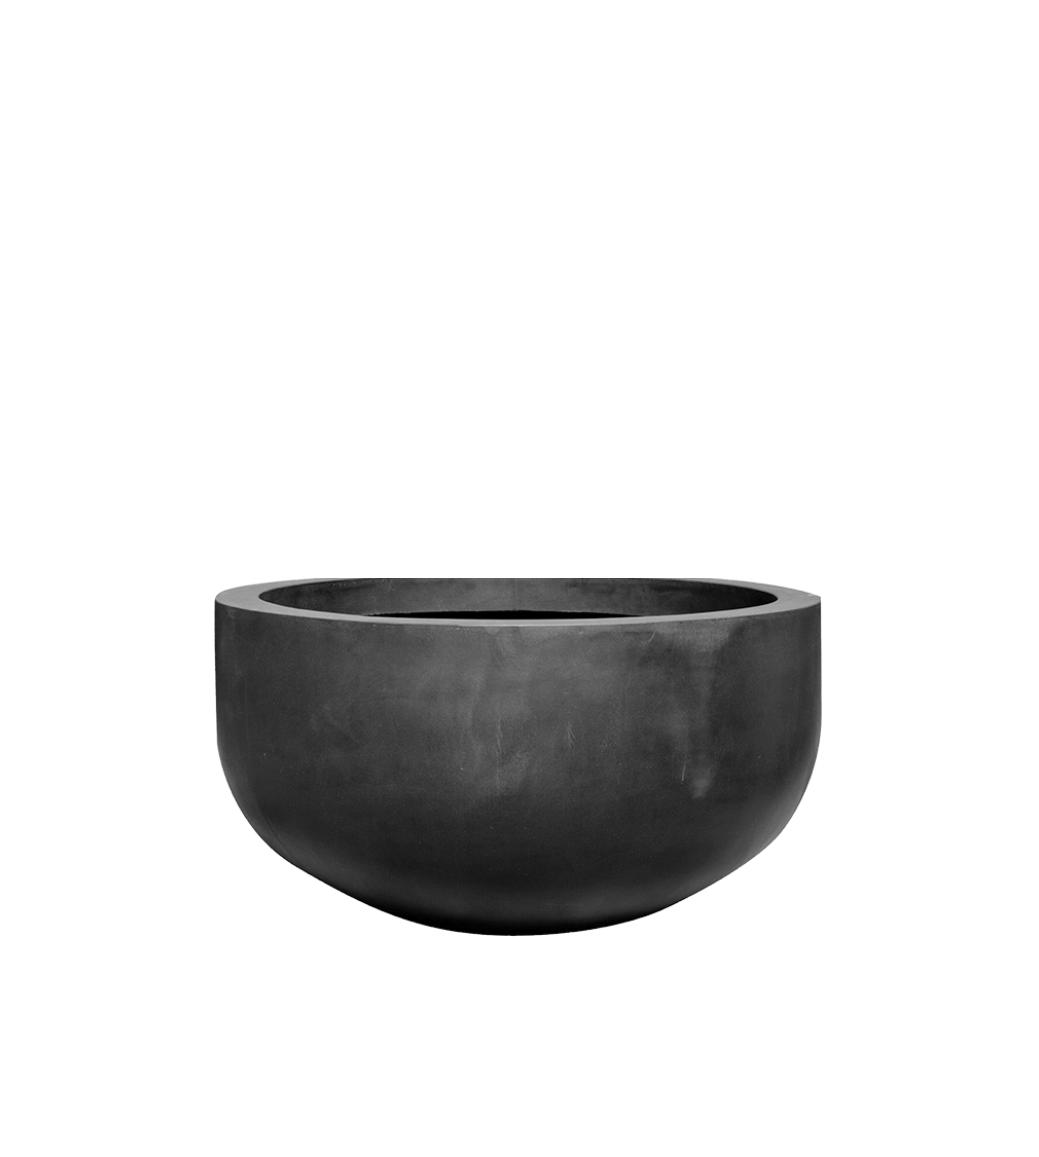 Black plant pot Manhattan - D128 cm